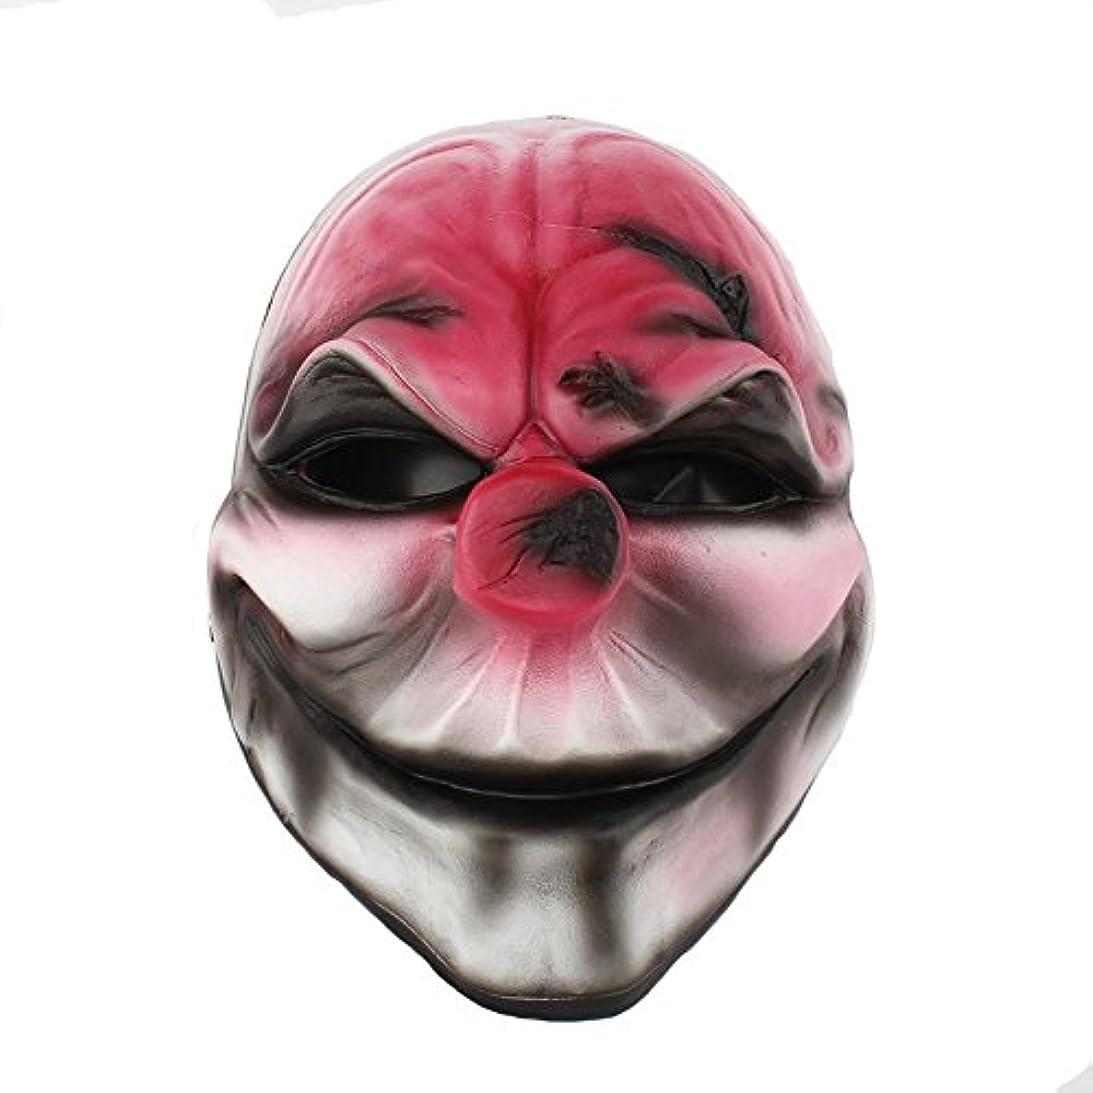 軍建築家ミントハロウィーン仮装パーティーキャラクタードレスアップ樹脂マスク収穫日2シリーズ新しい赤い頭